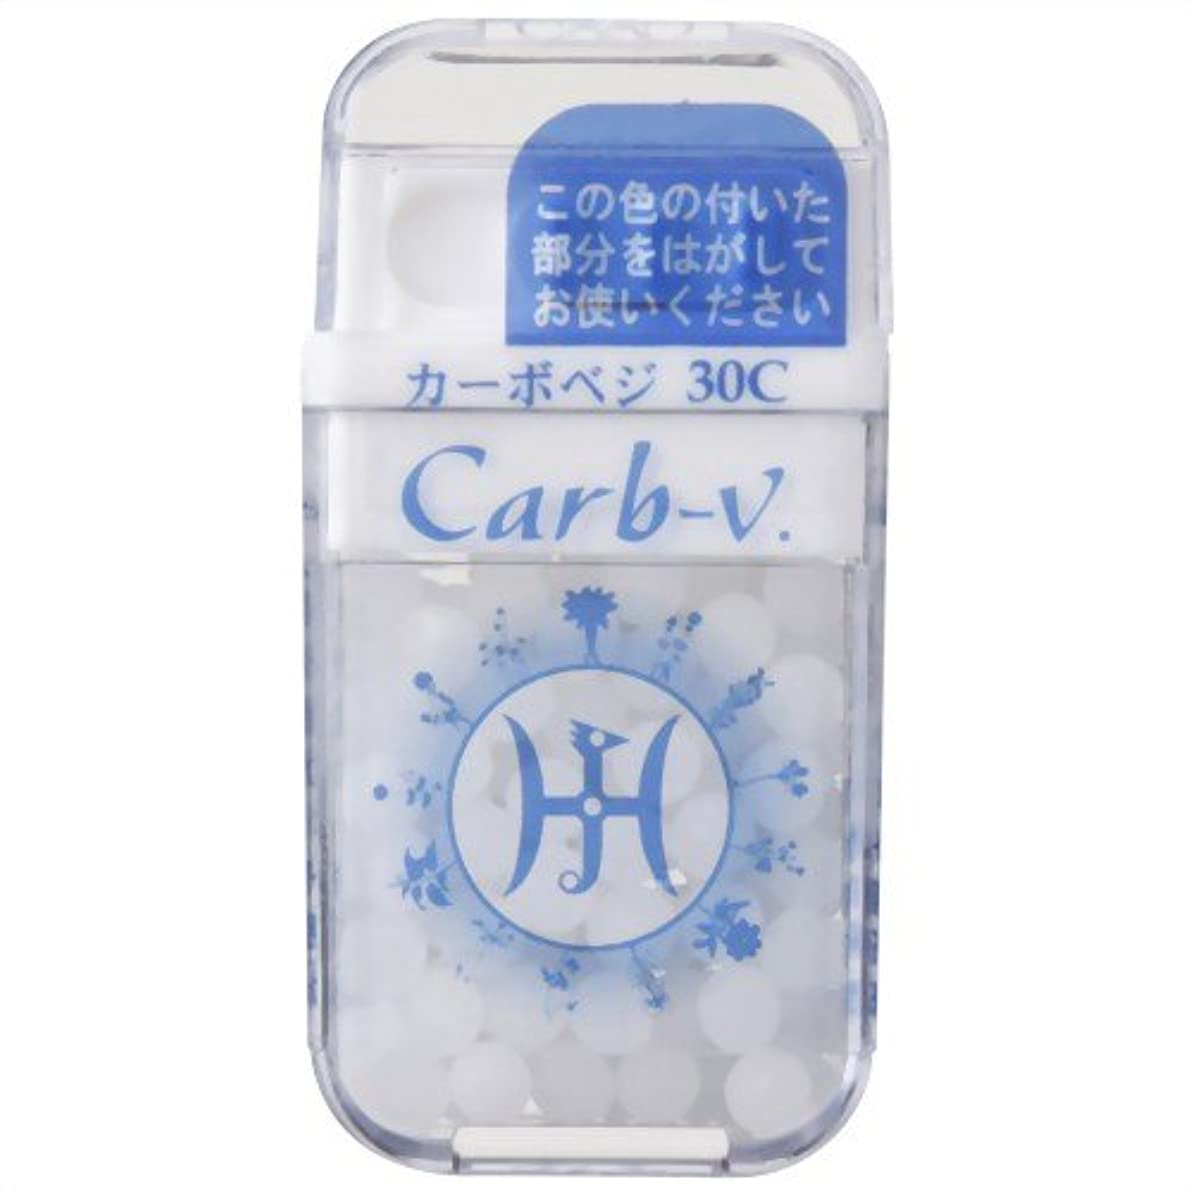 耐えられる製造業逆さまにホメオパシージャパンレメディー Carb-v.  カーボベジ 30C (大ビン)